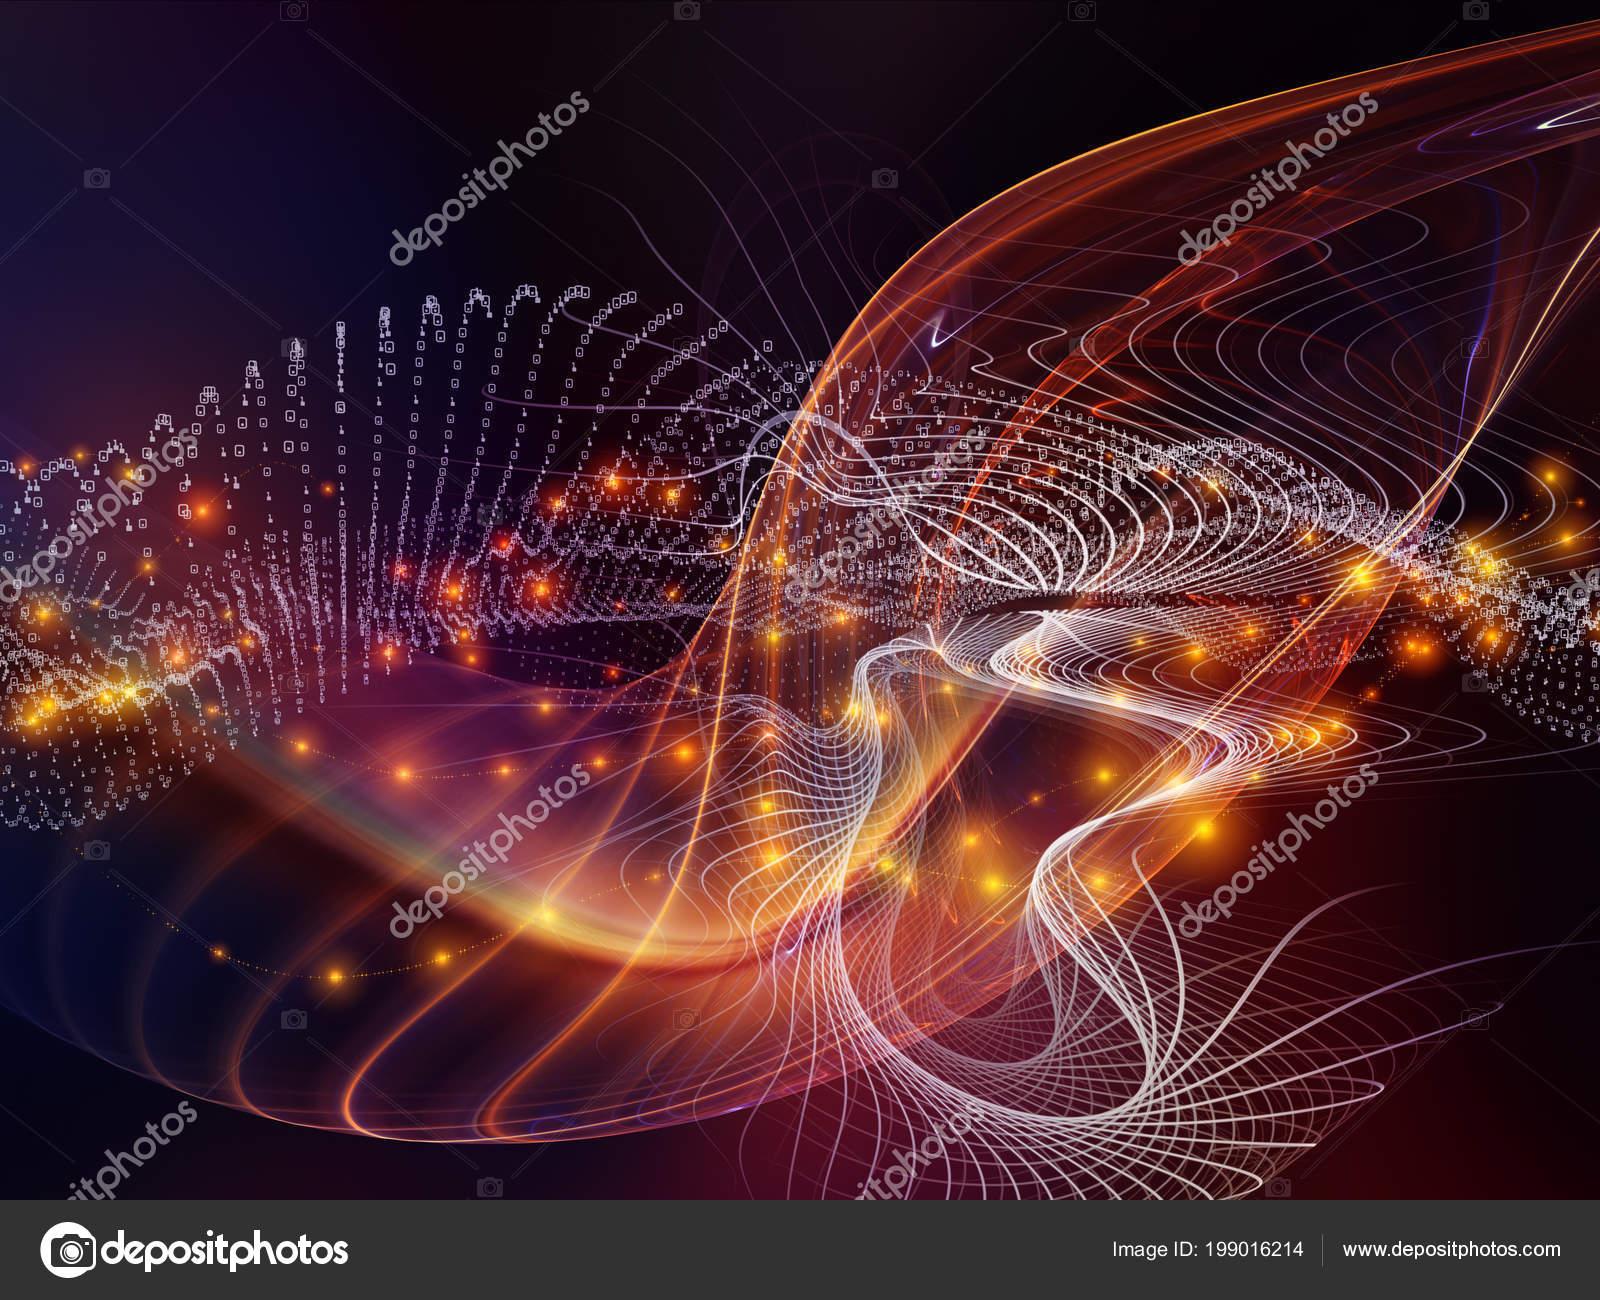 Tecnologia serie numeri sfondo cifre griglie luci completare vostro design foto stock - Griglie di aerazione design ...